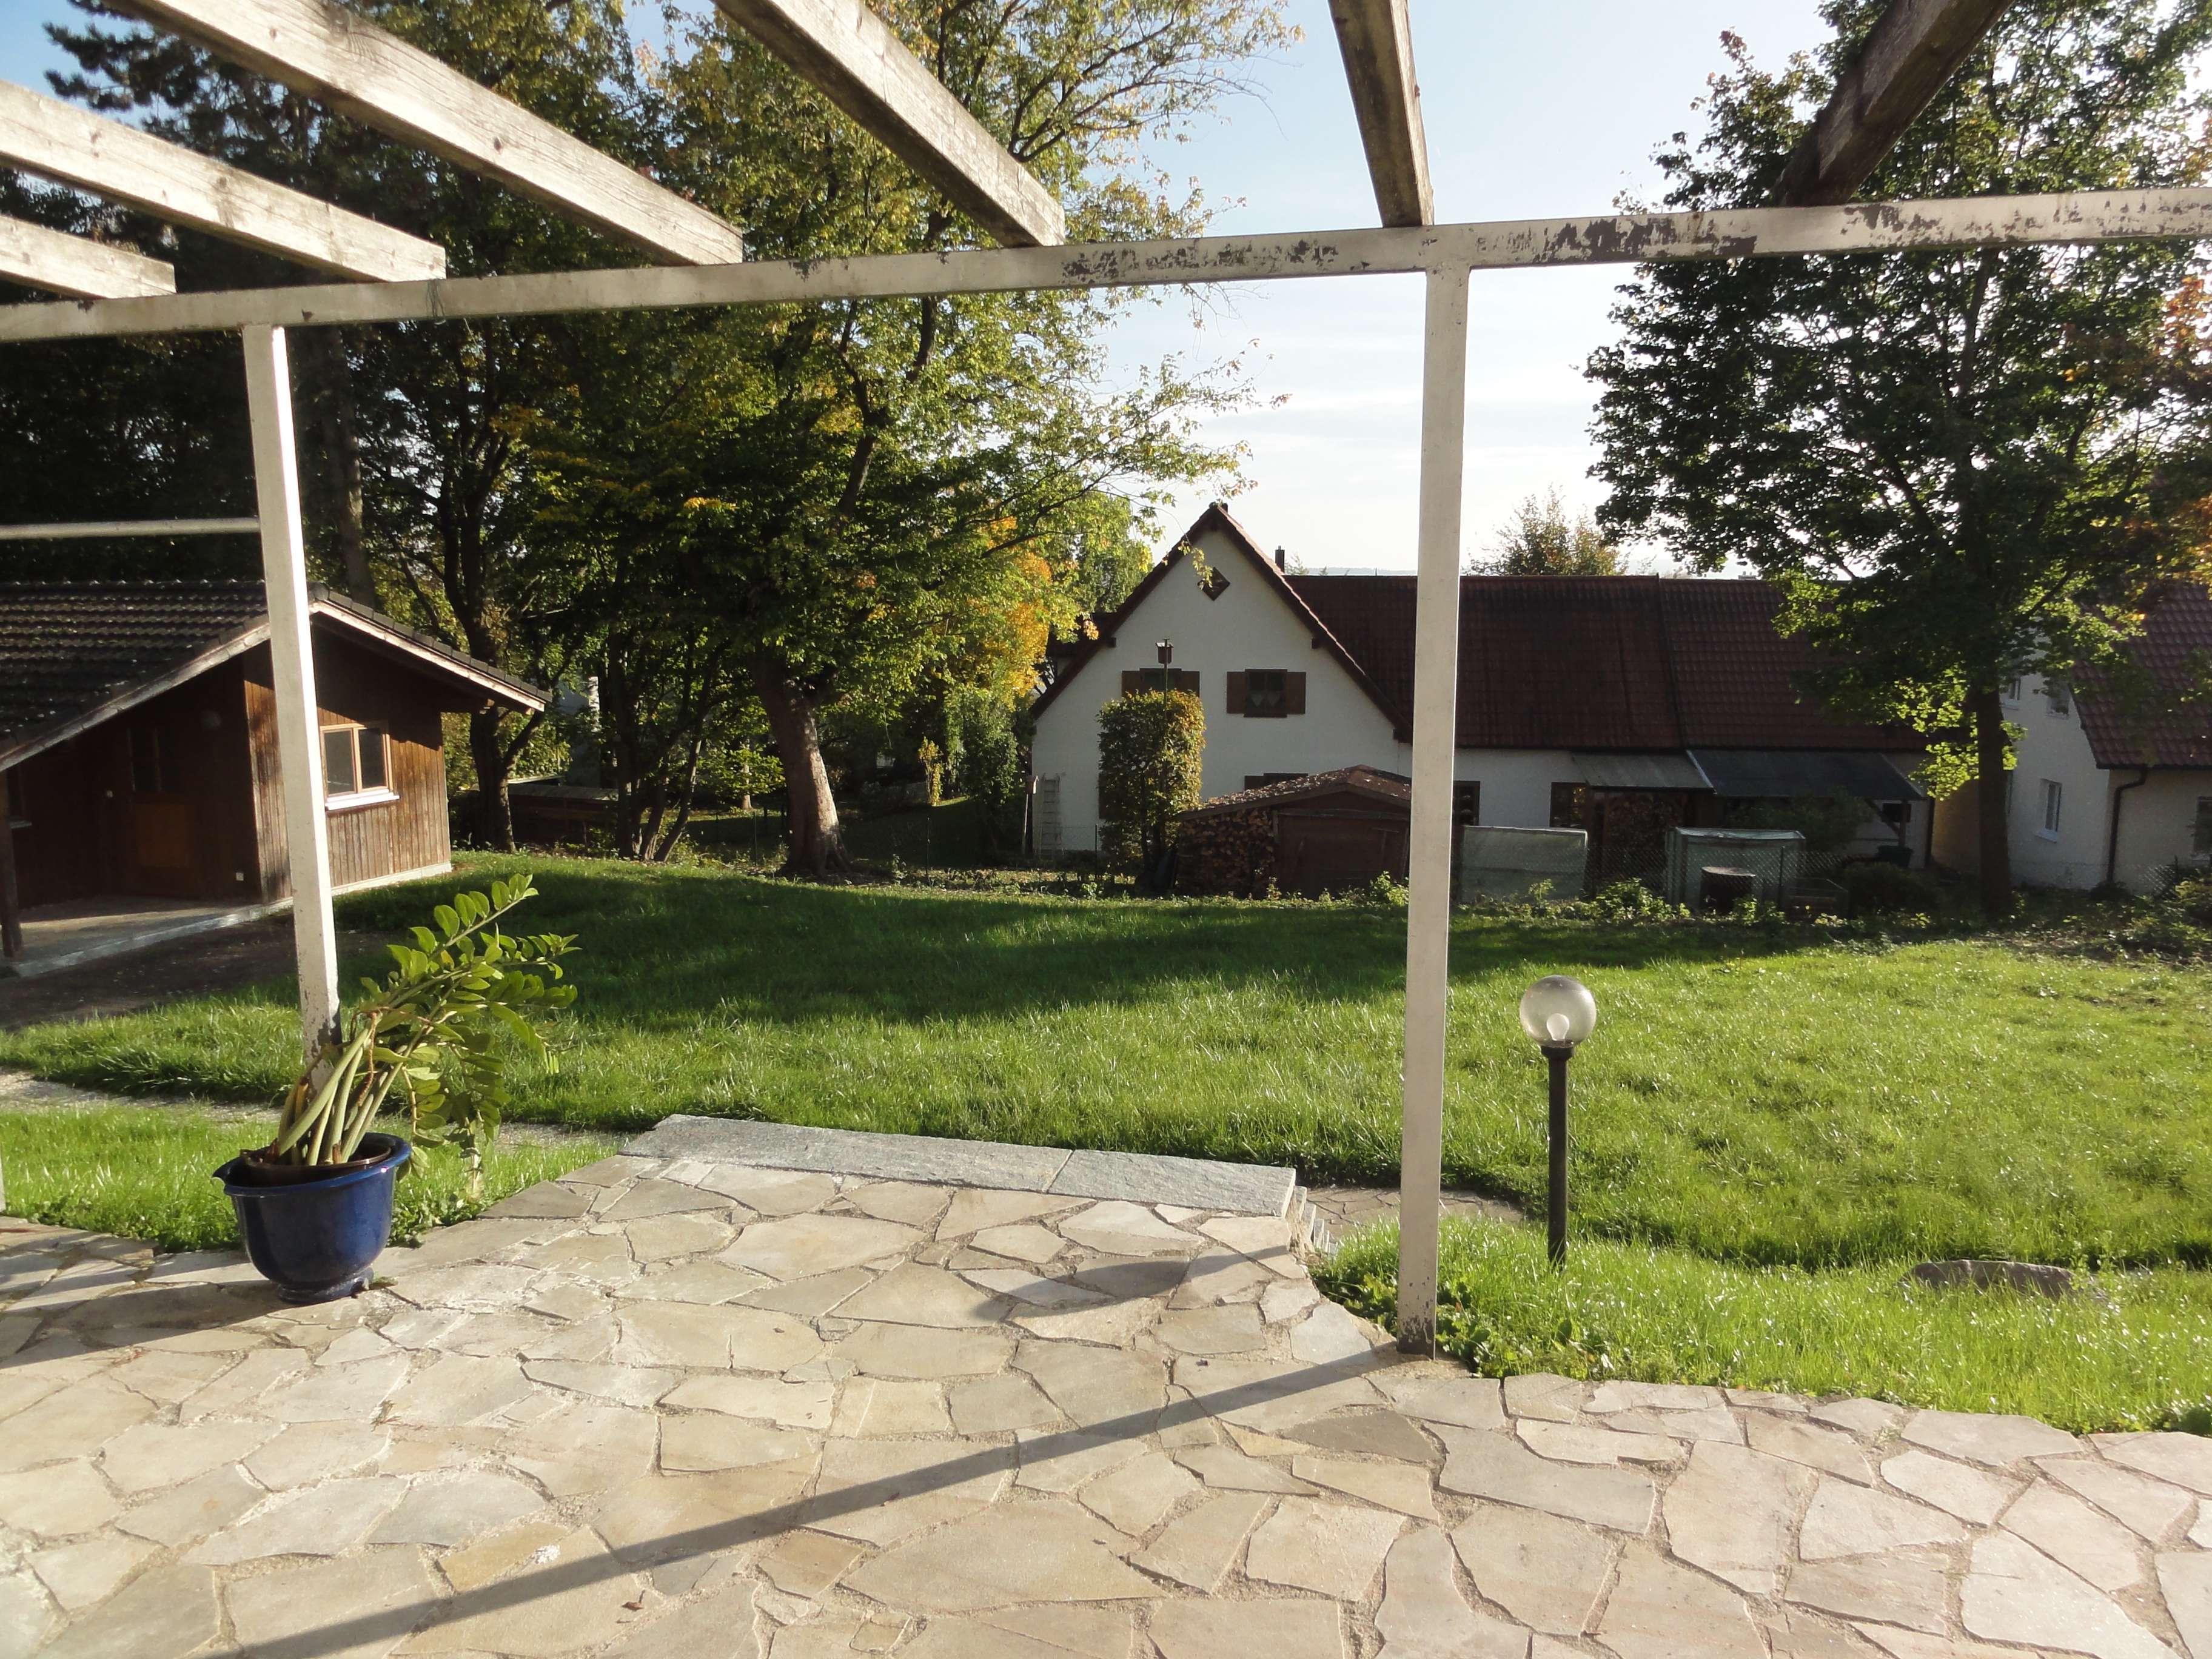 3 ZKB - Großzügige Erdgeschosswohnung mit Garten in Schrobenhausen in Schrobenhausen